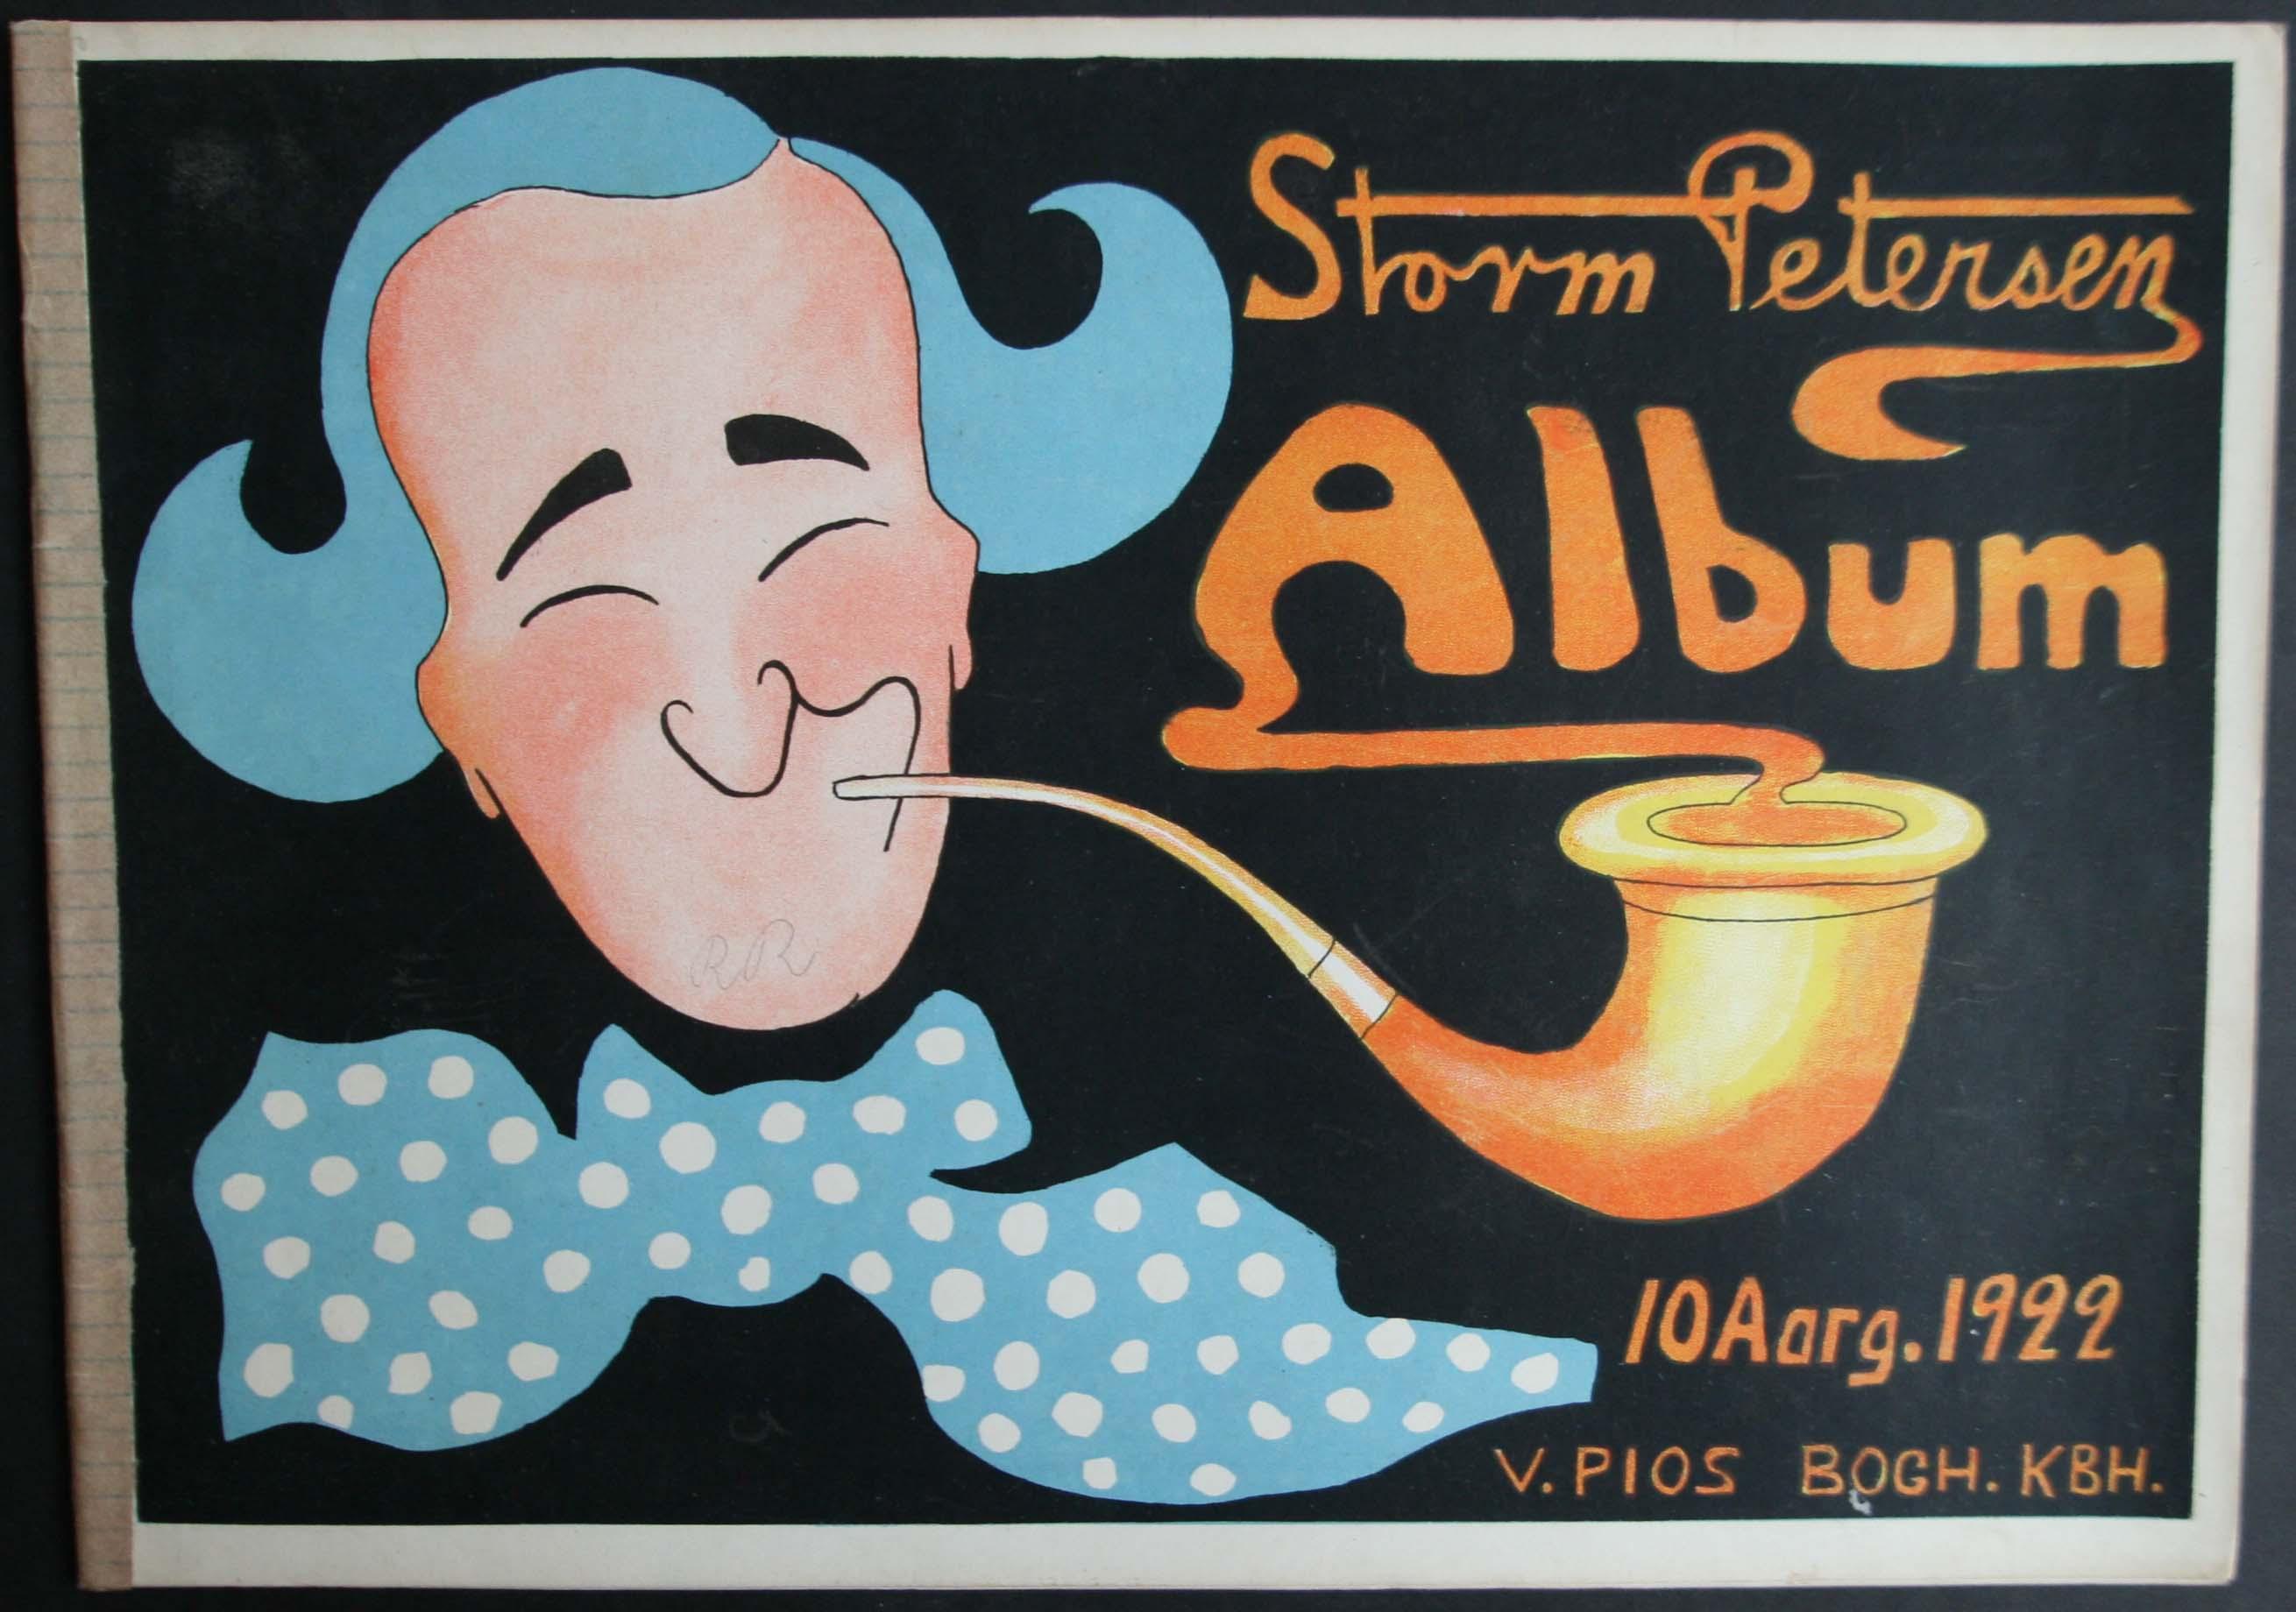 Robert Storm Petersen Storm P. Album 1922